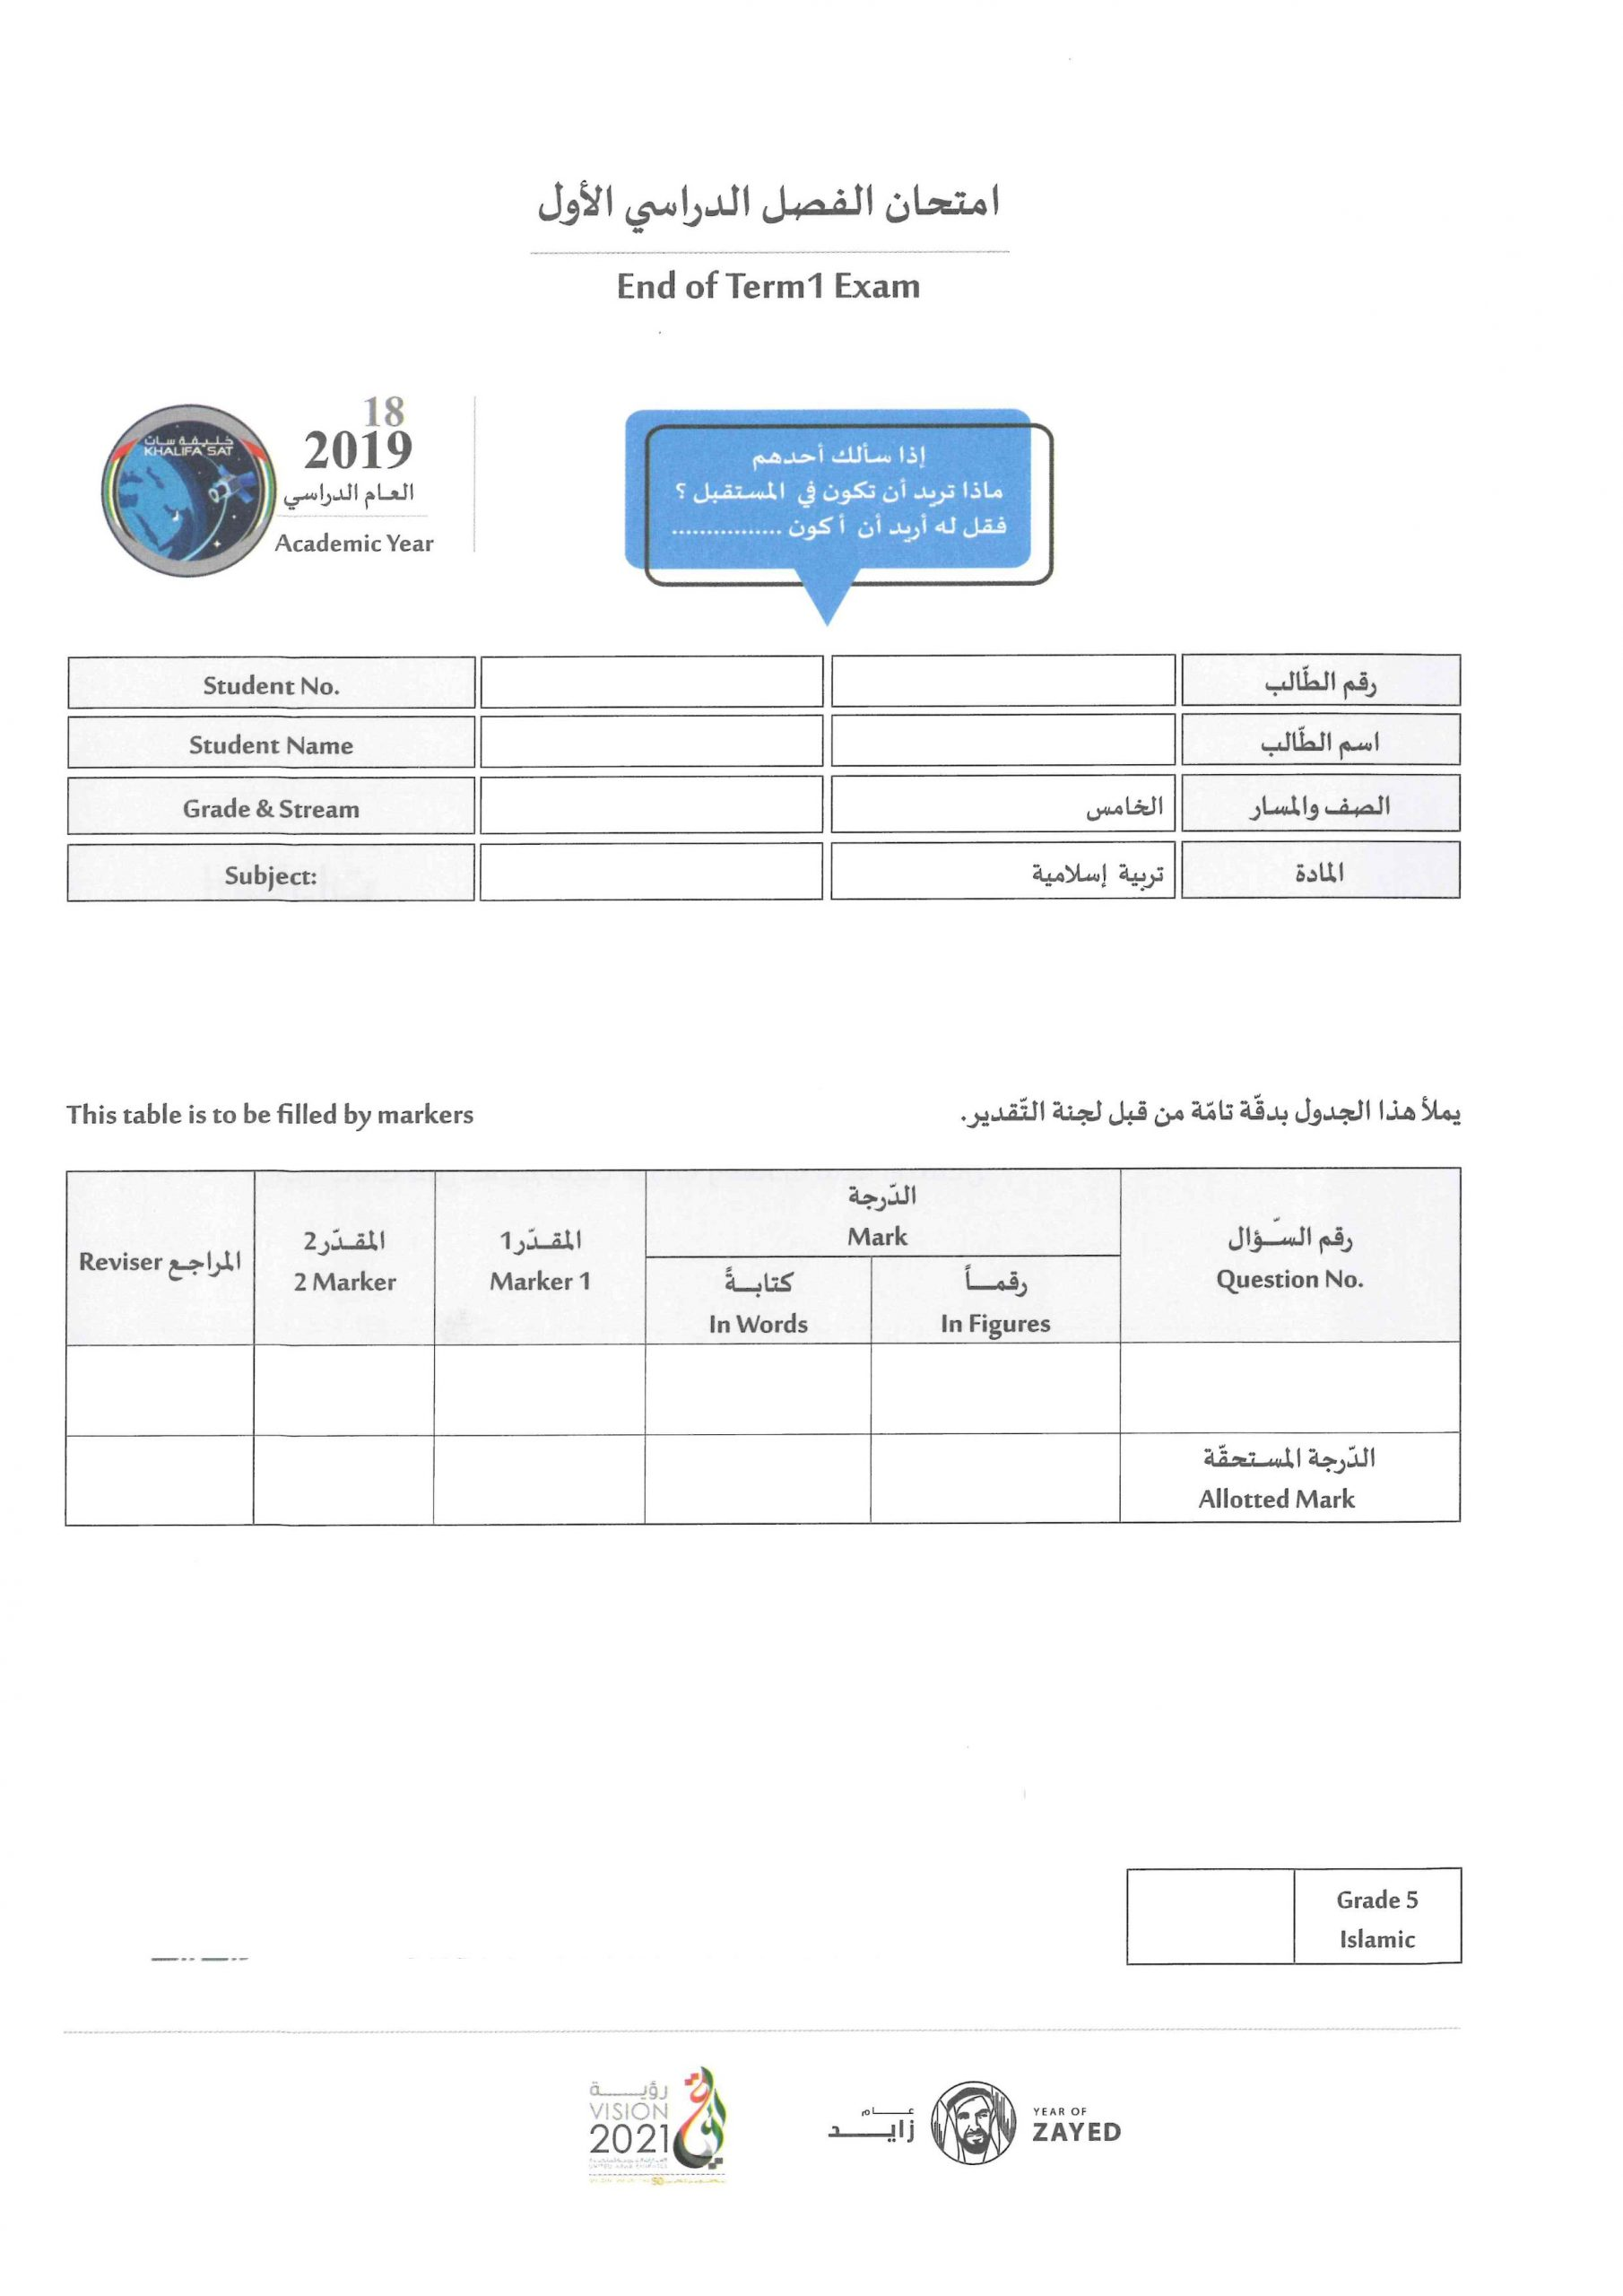 امتحان نهاية الفصل الدراسي الاول 2018-2019 الصف الخامس مادة التربية الاسلامية